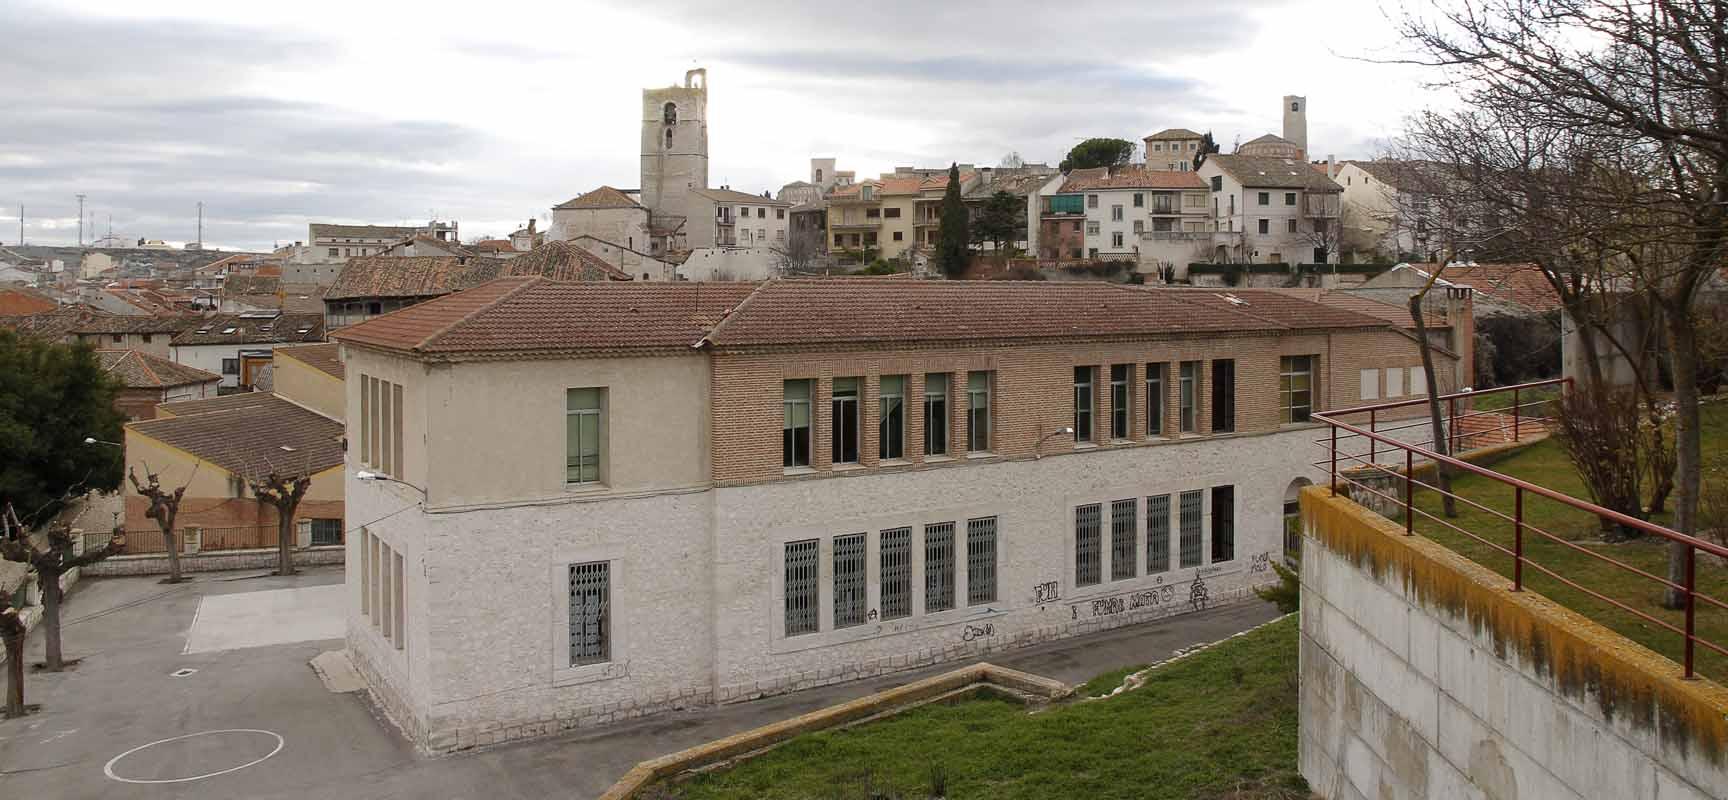 Fachada posterior del colegio La Villa.